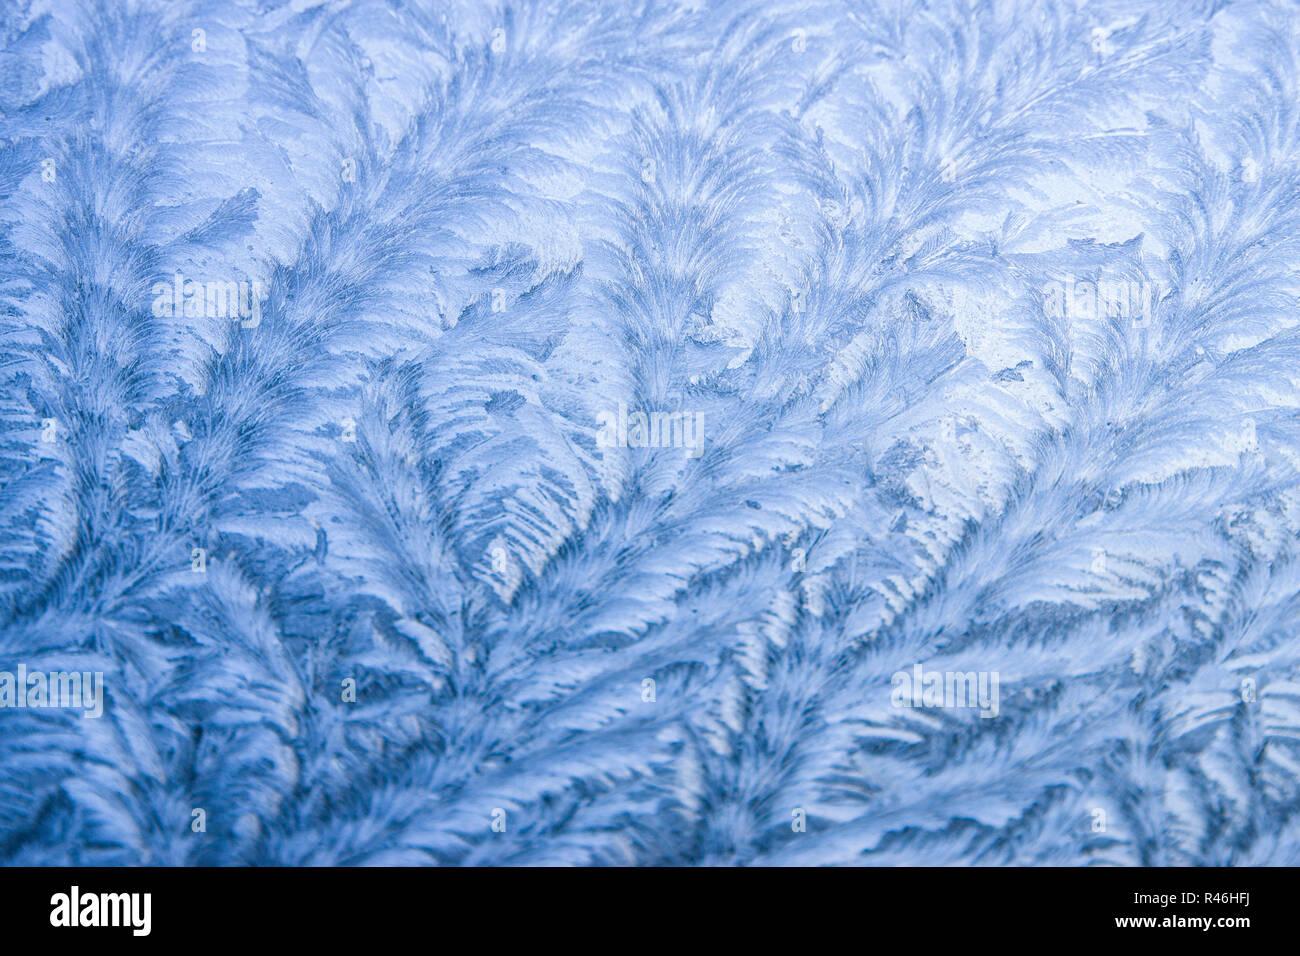 Das Foto zeigt eine Aufnahme eines gefrorenen Fensters im Morgenlicht Stock Photo